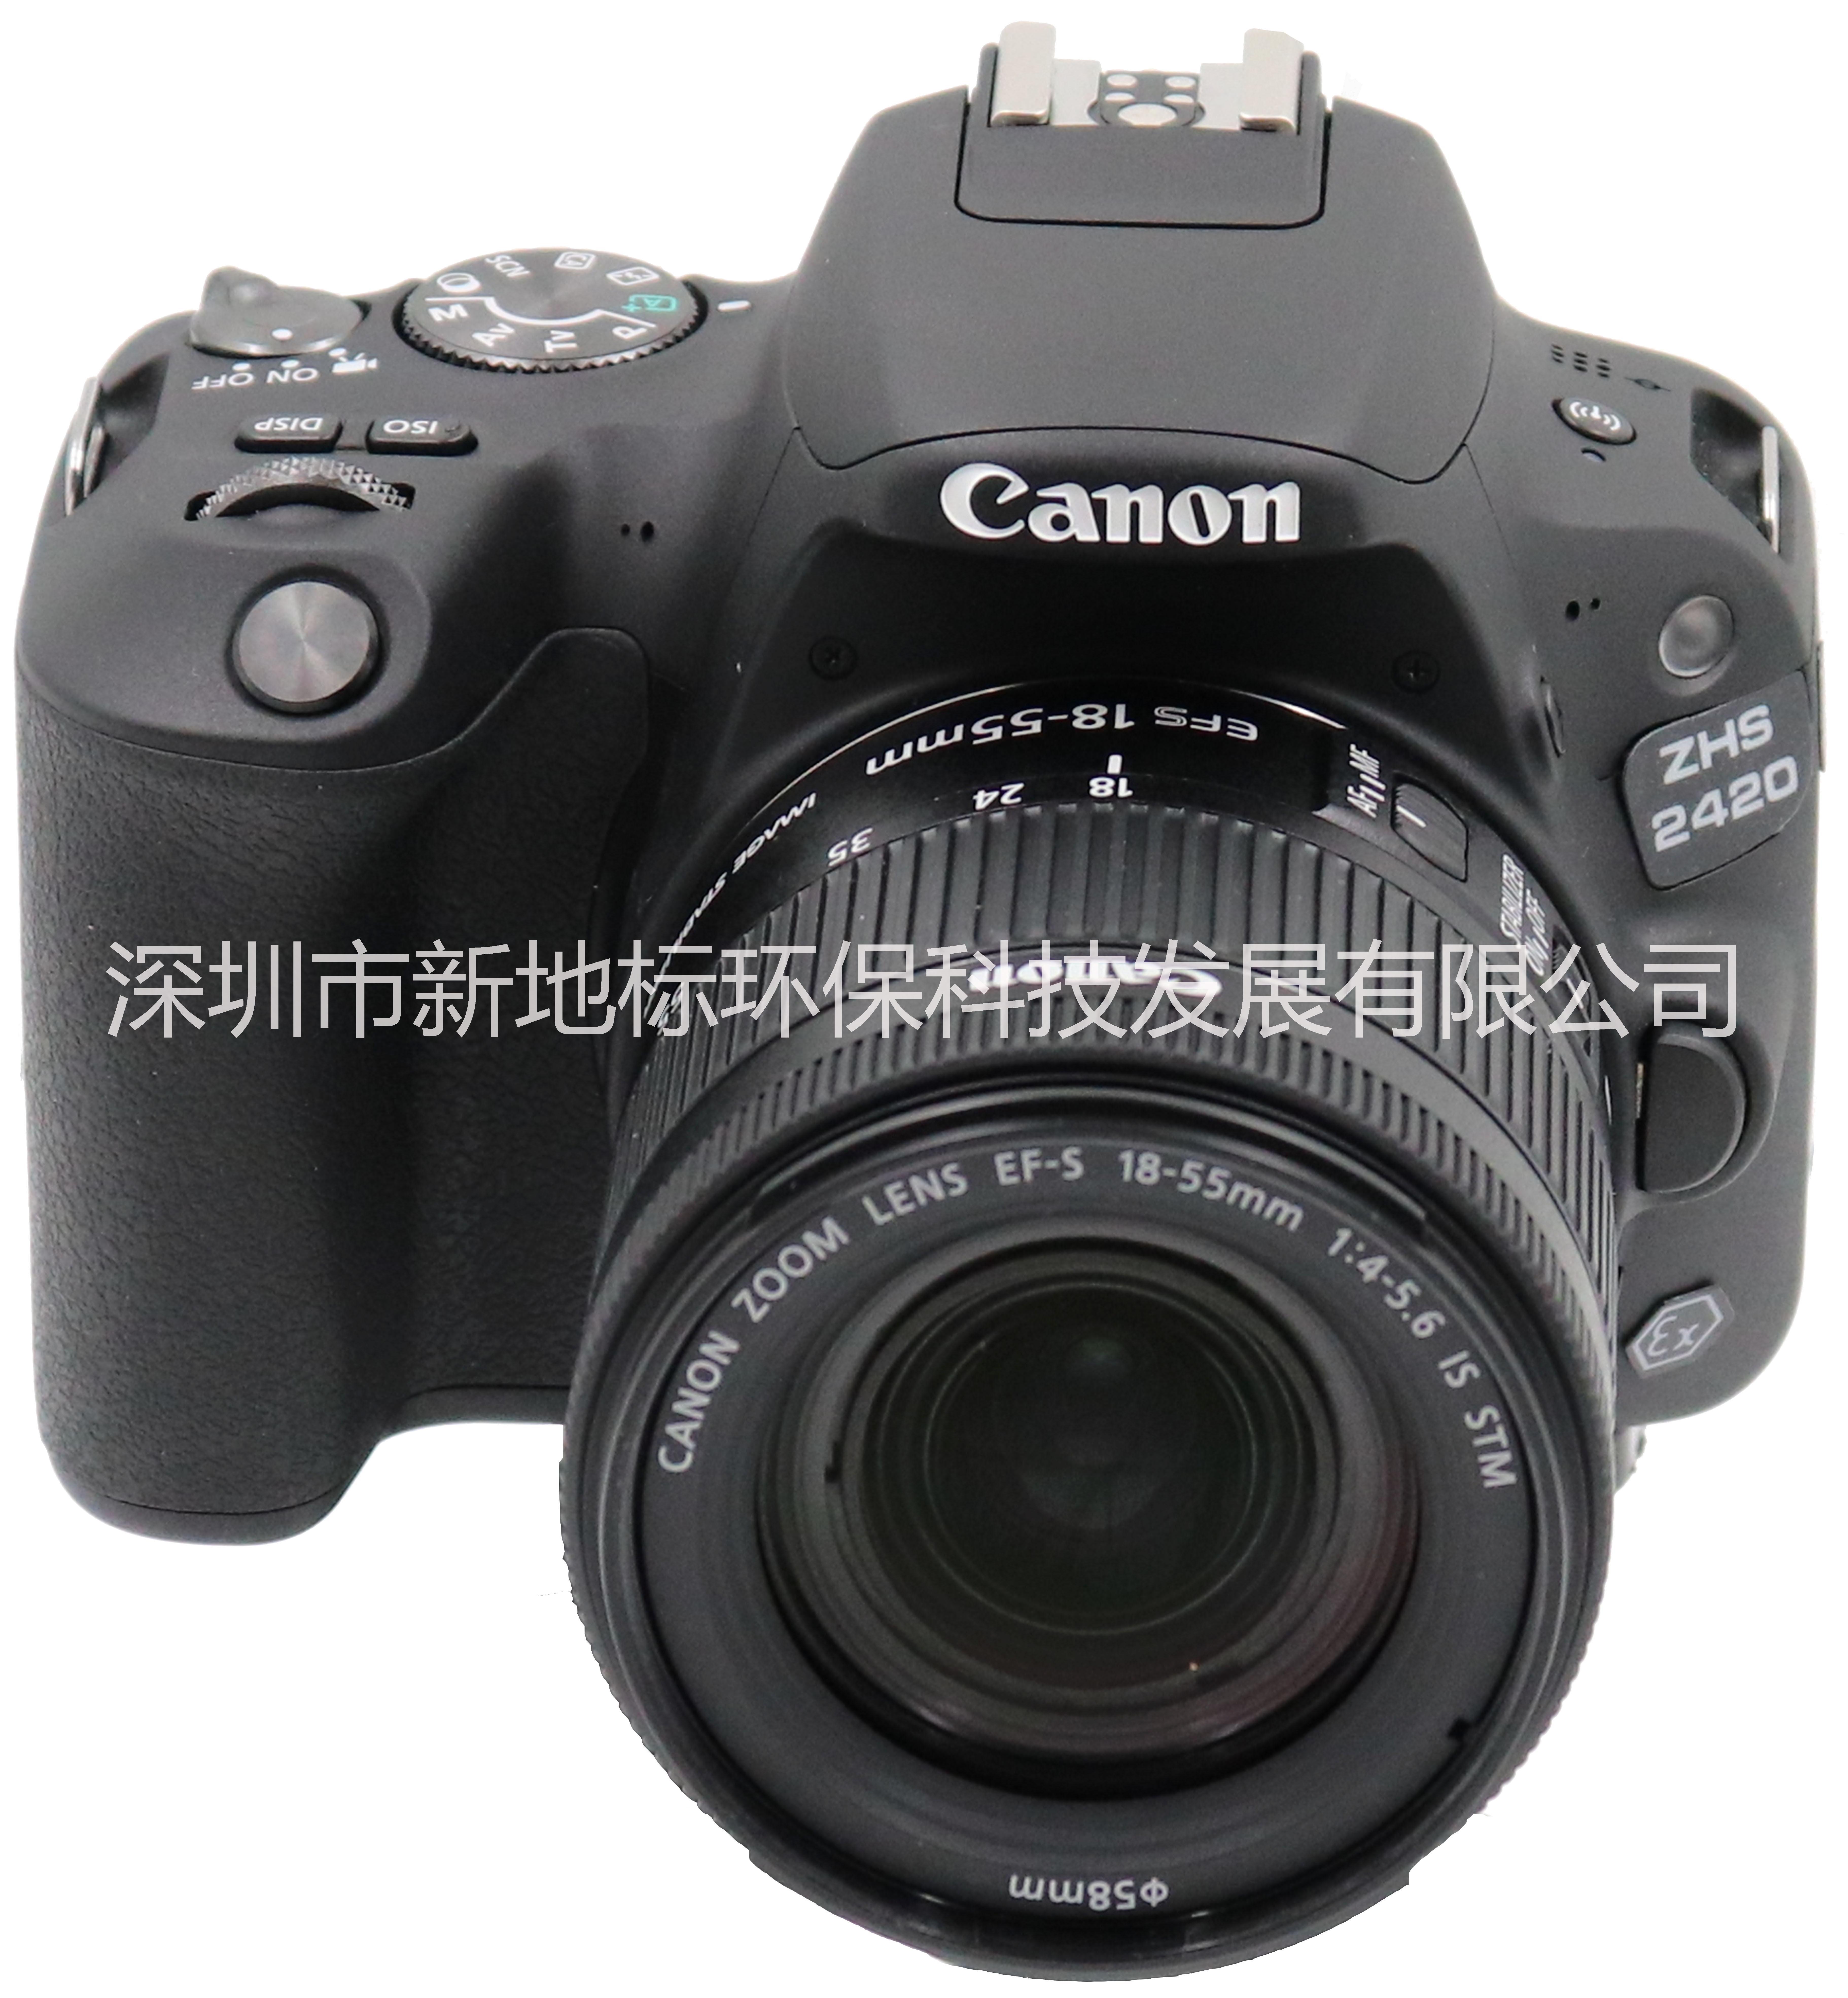 防爆相机ZHS2420,防爆相机,防爆照相机,防爆数码相机,厂家直销防爆数码相机,